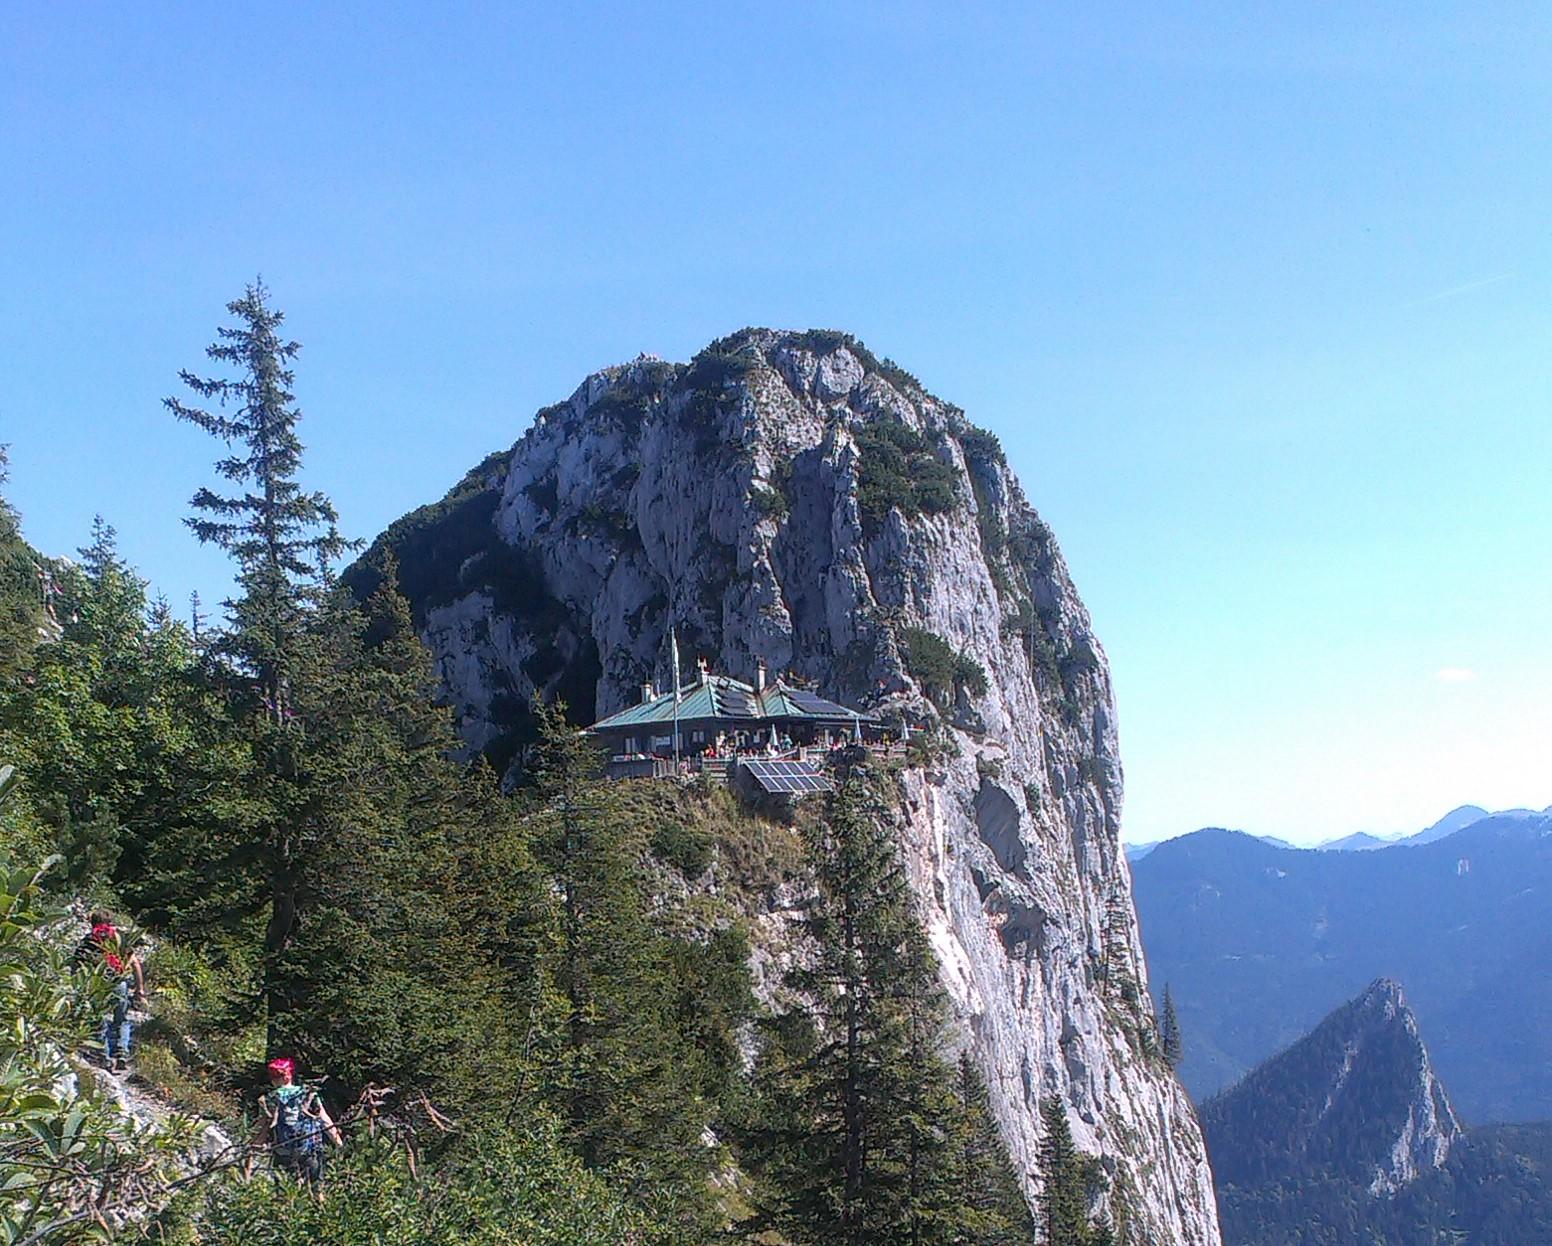 Klettersteig Tegernsee : Mein erster klettersteig der roßstein u solounterwegs